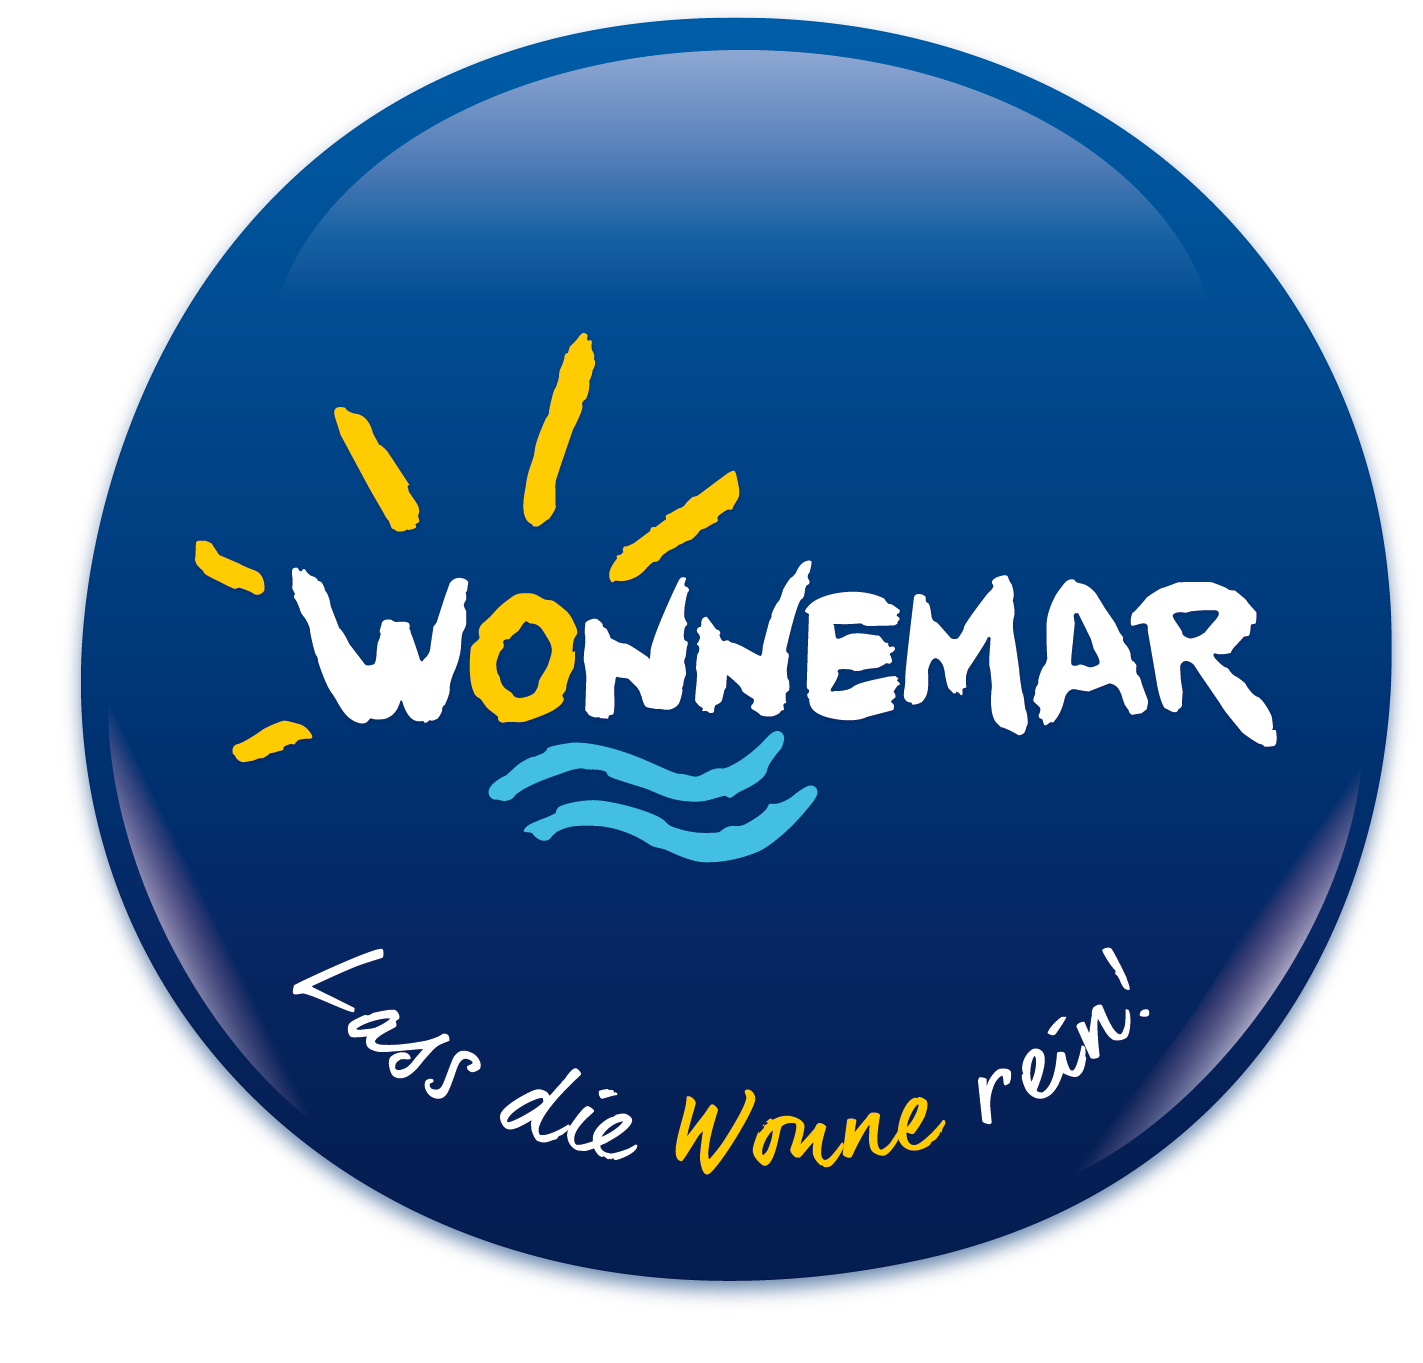 Thermengutschein Wonnemar Bad Liebenwerda online kauufen